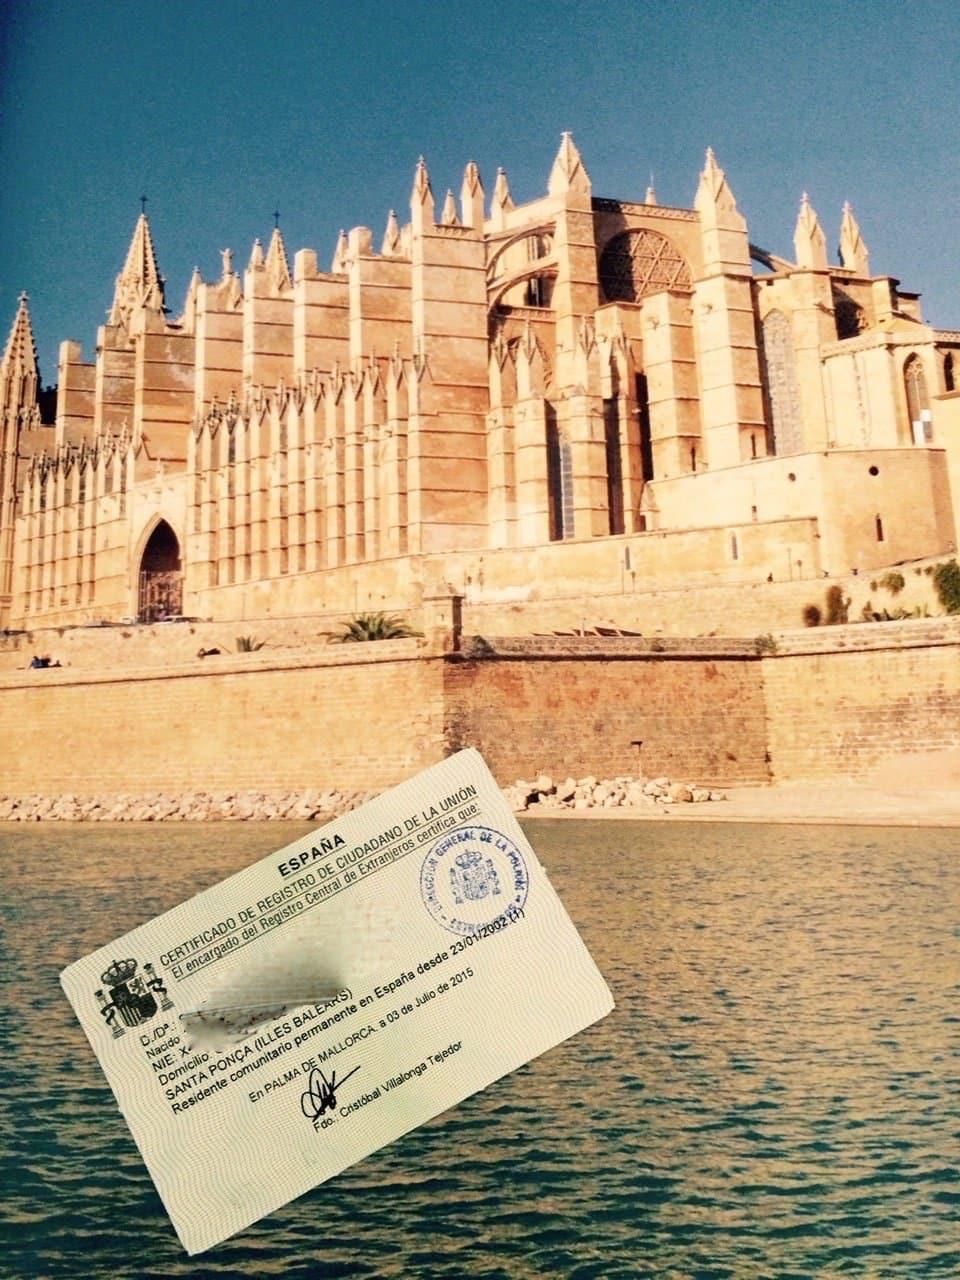 Ohne NIE-Nummer nix los auf Mallorca